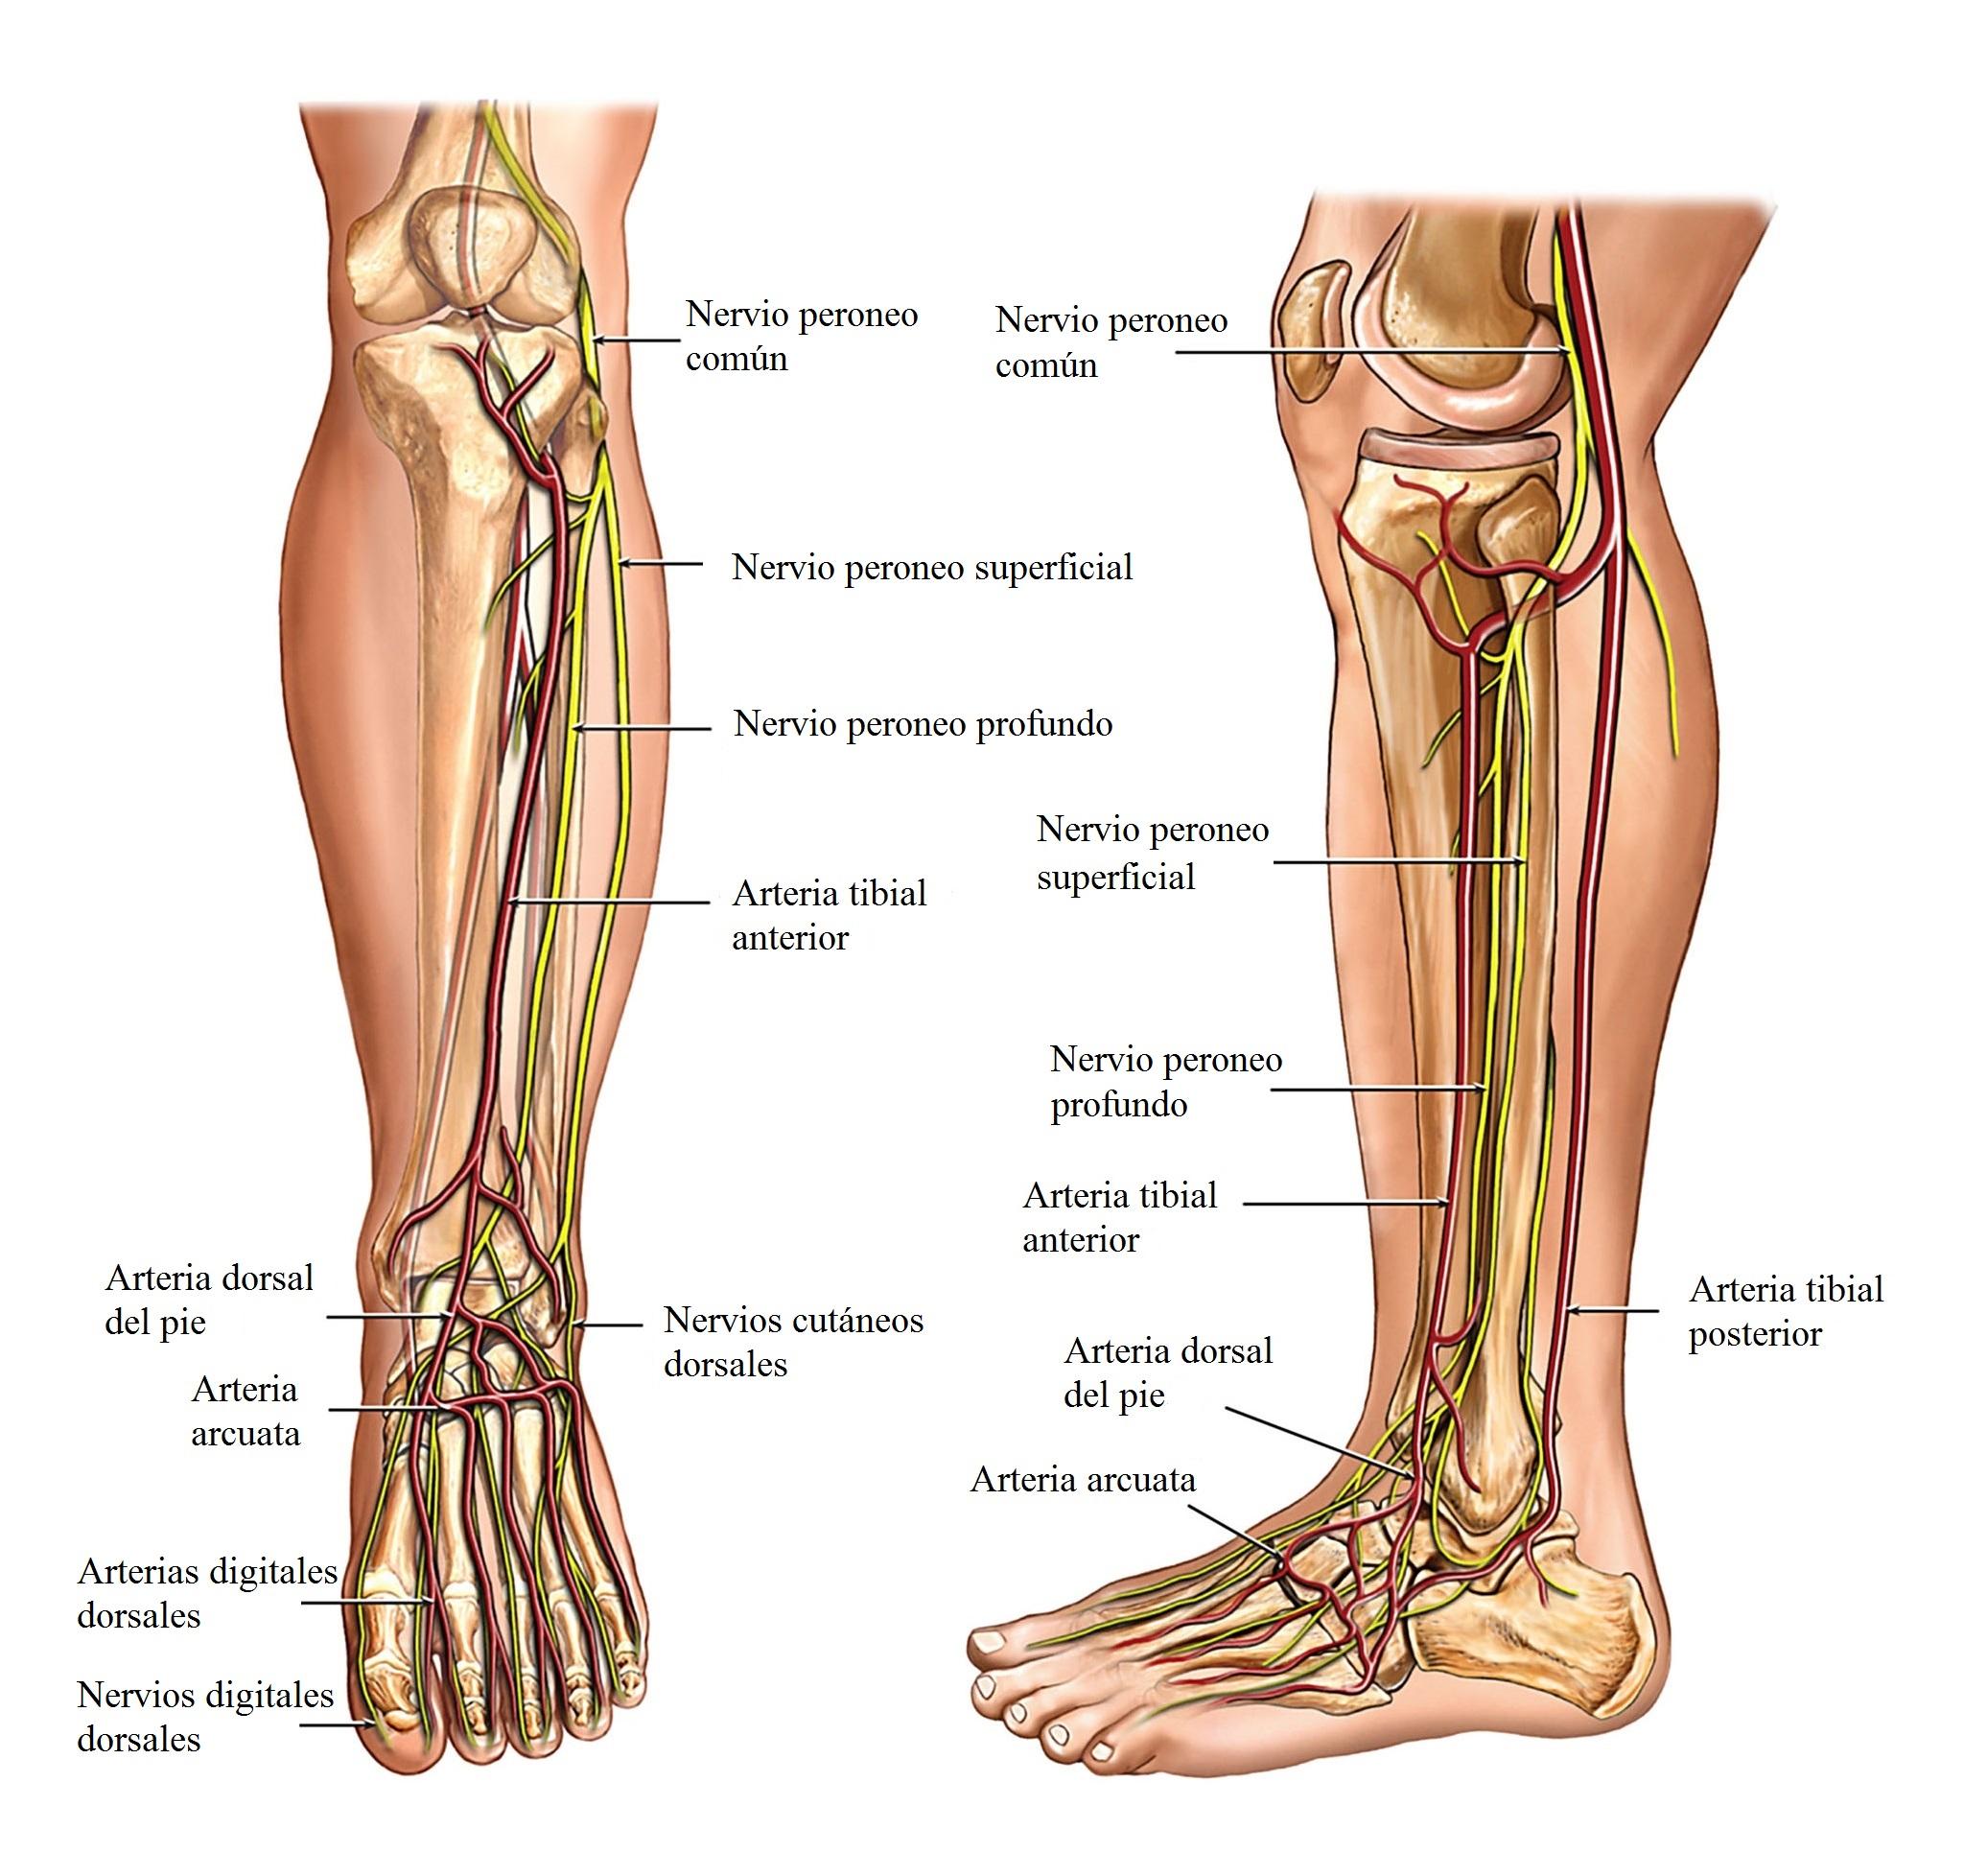 Anatomía de la pierna, nervios y arterias